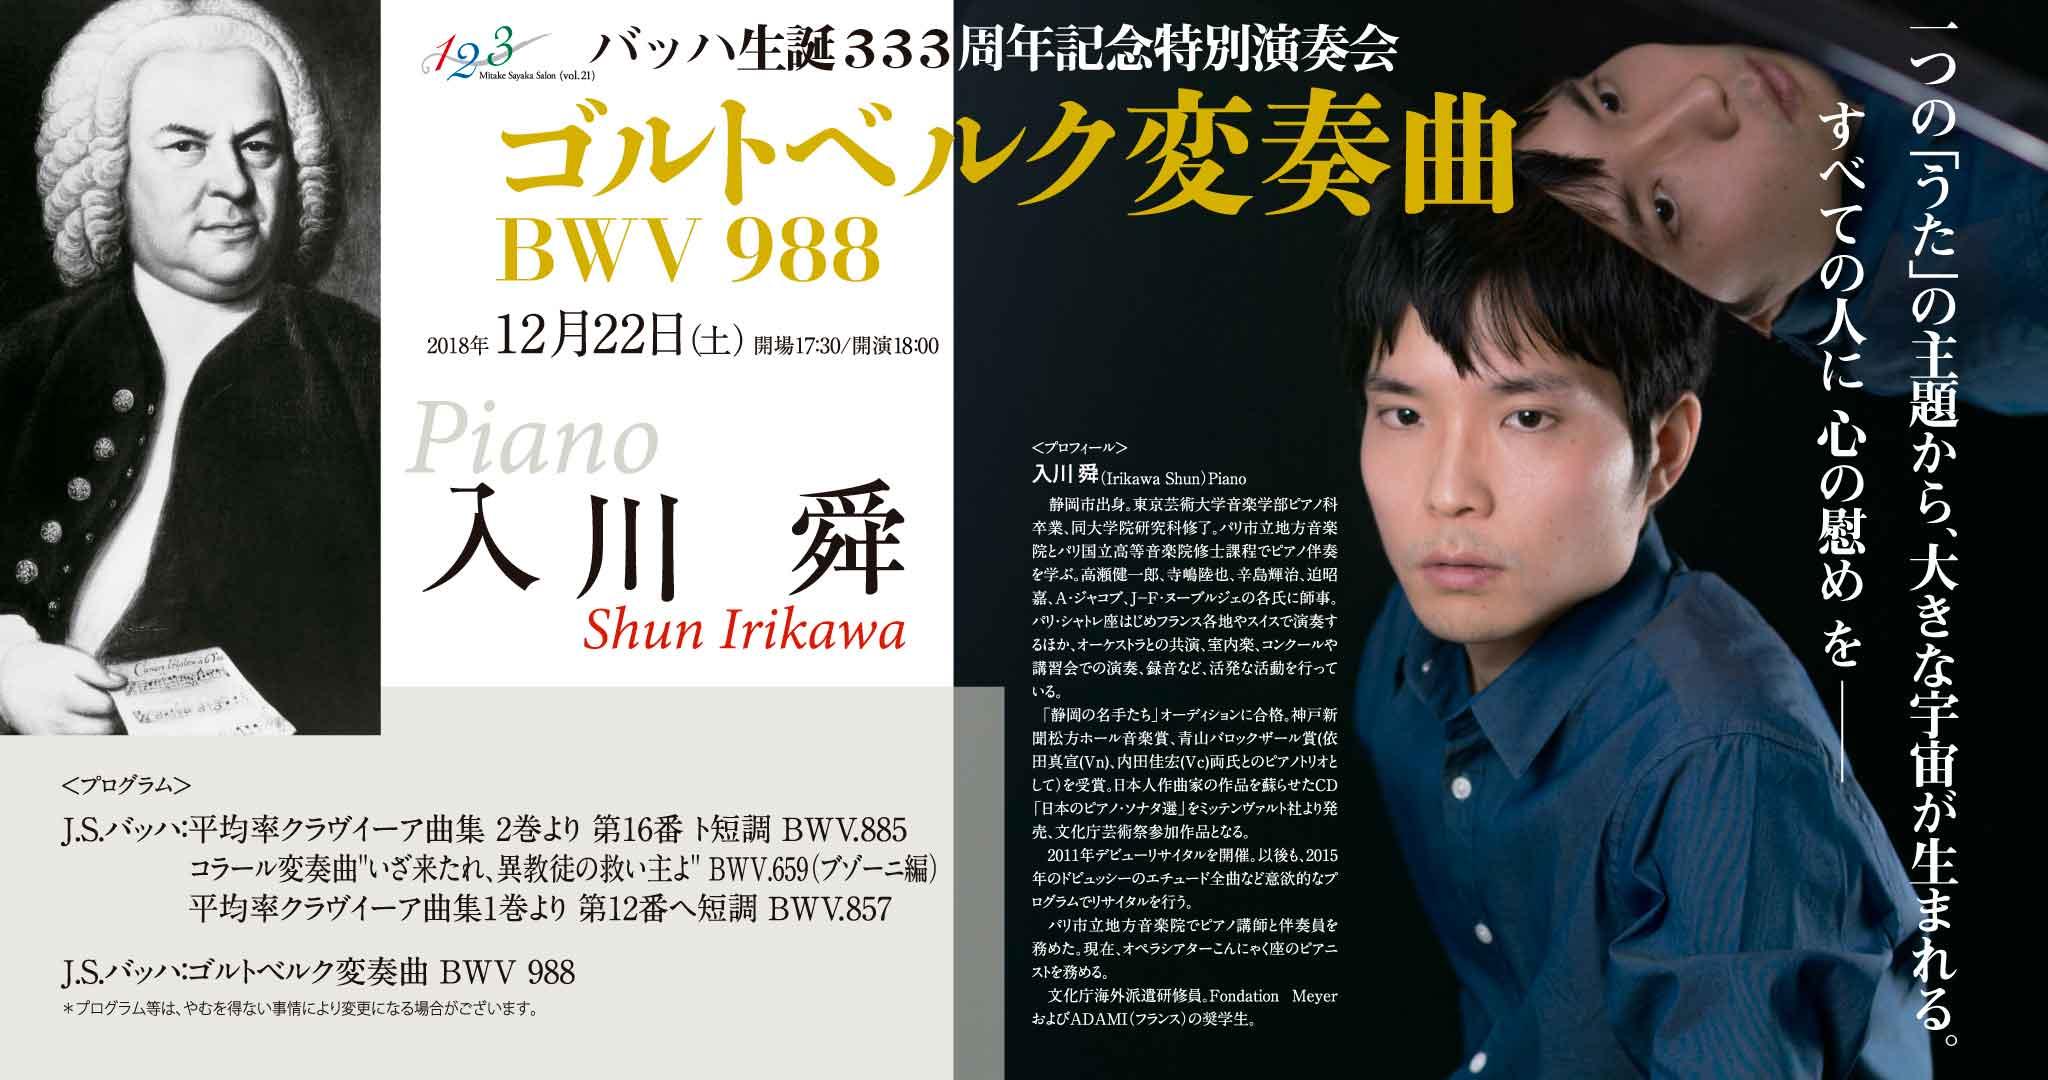 【完売】12月22日18:00~ ゴルトベルク変奏曲 BWV998 <バッハ生誕333周年記念特別演奏会>